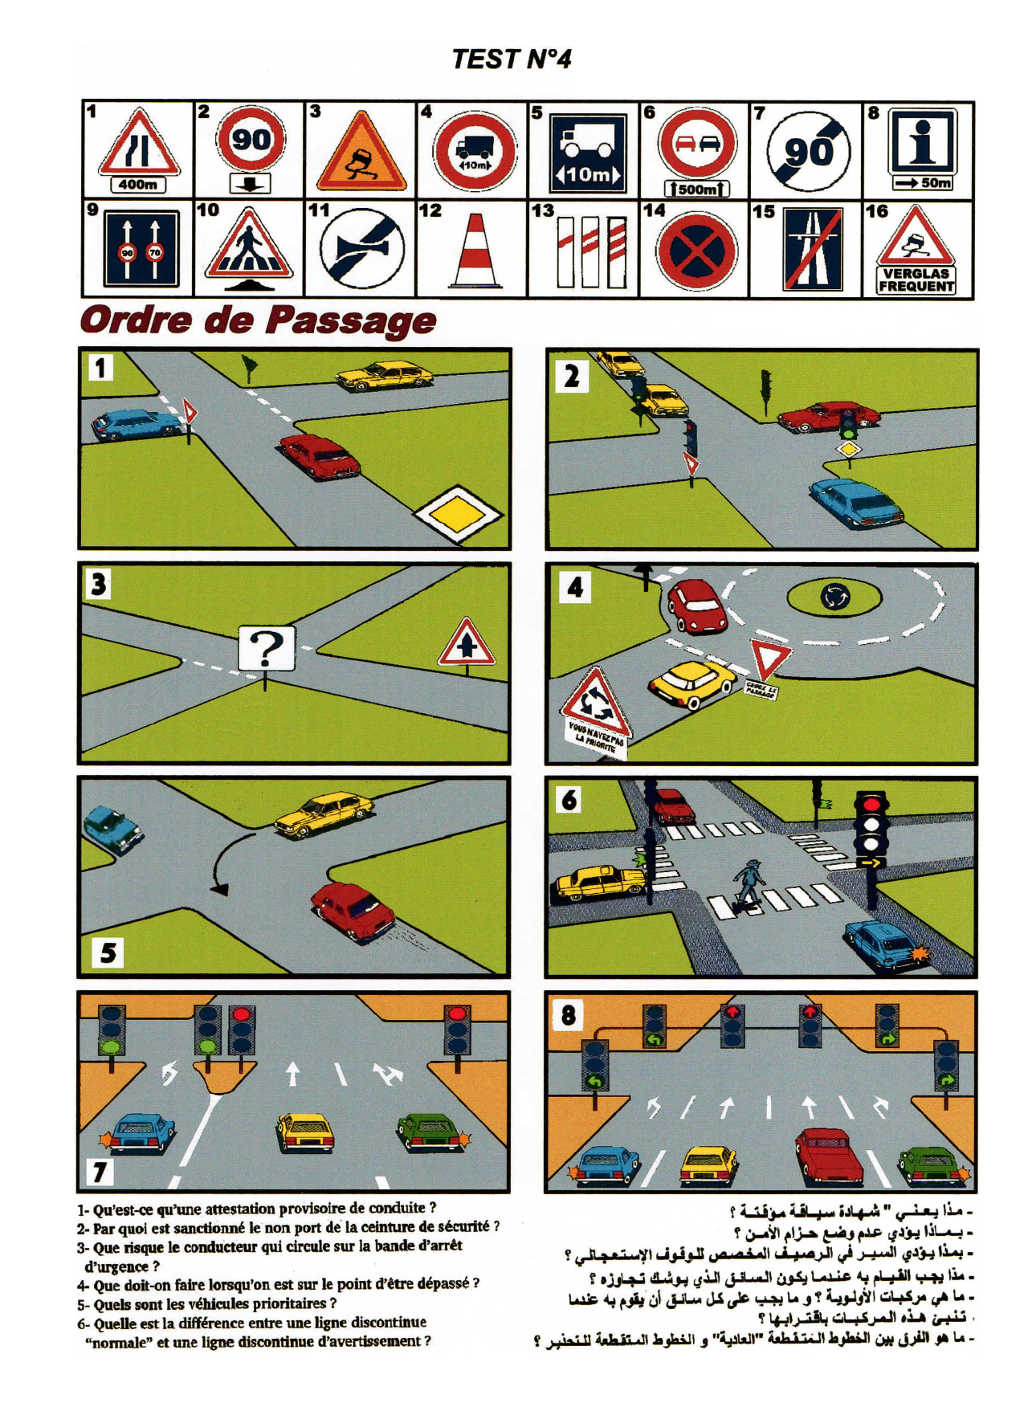 كتاب امتحان رخصة السياقة - الصفحة 4